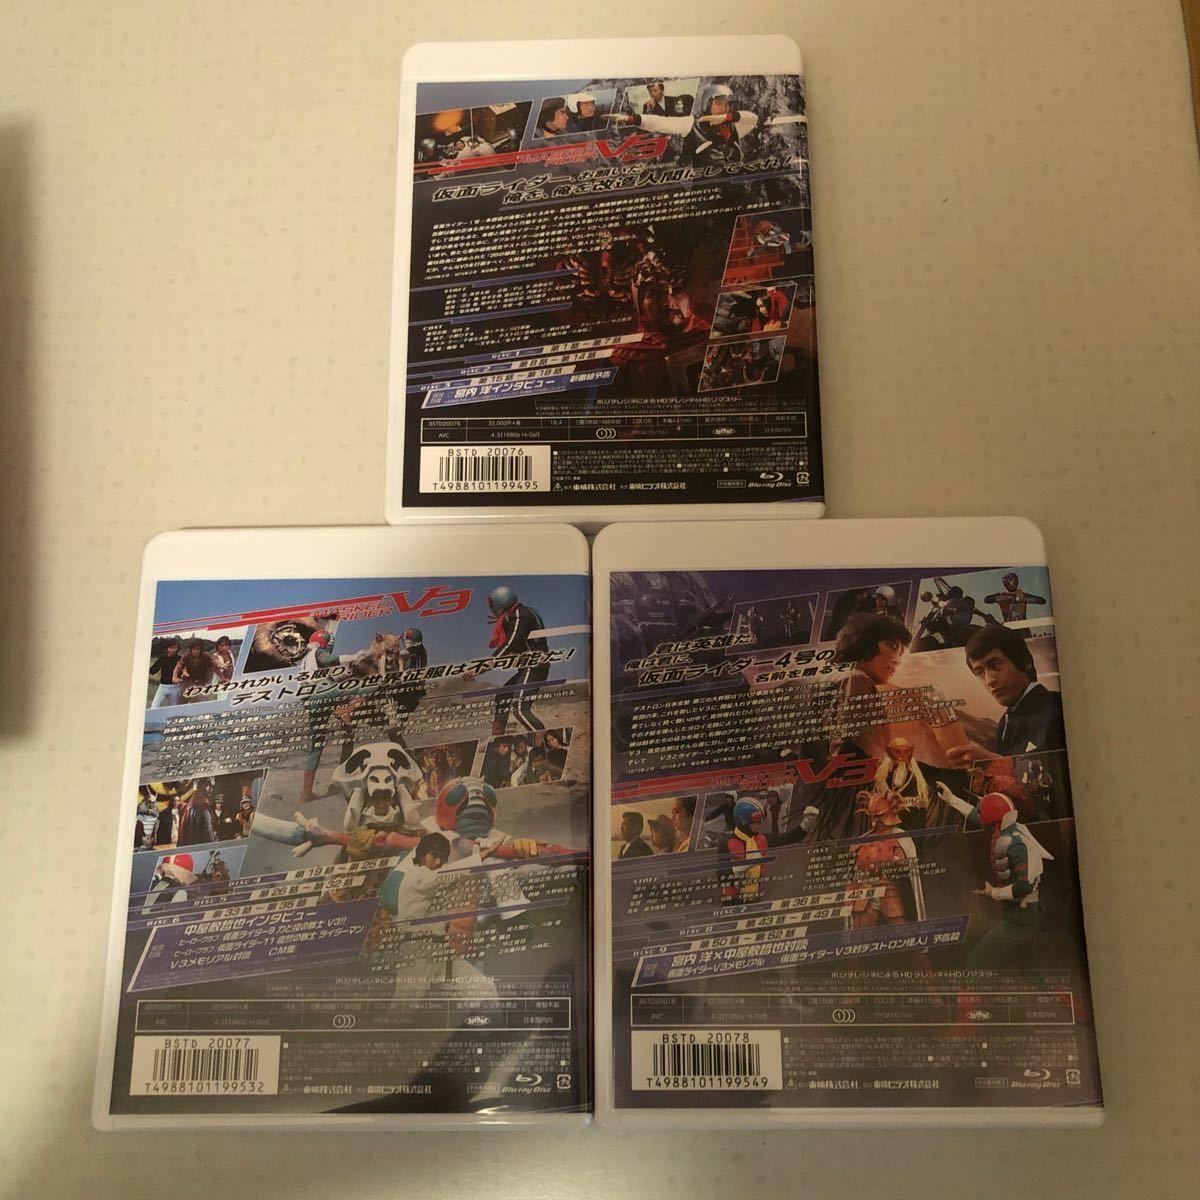 仮面ライダーV3 Blu-ray BOX 全巻セット 収納ボックス付き